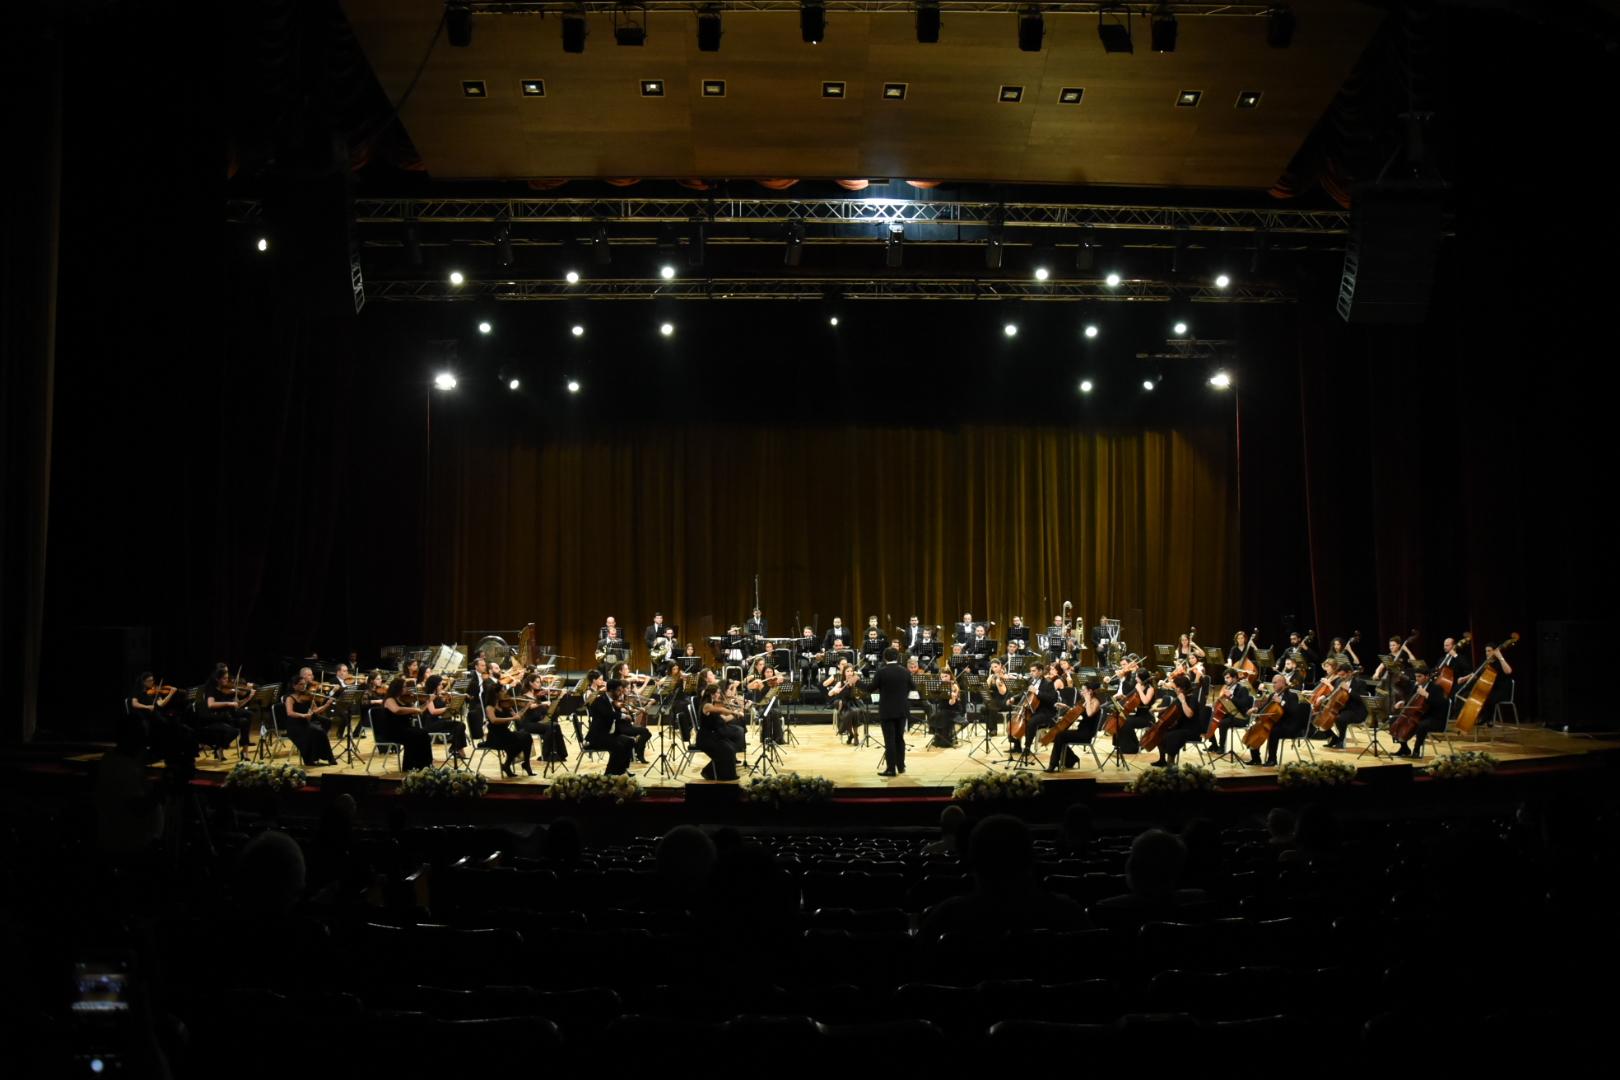 Photo of Մեկնարկեց Հայաստանի պետական սիմֆոնիկ նվագախմբի 15-րդ համերգաշրջանը. Նվագախումբը խոստանում է հագեցած տարի